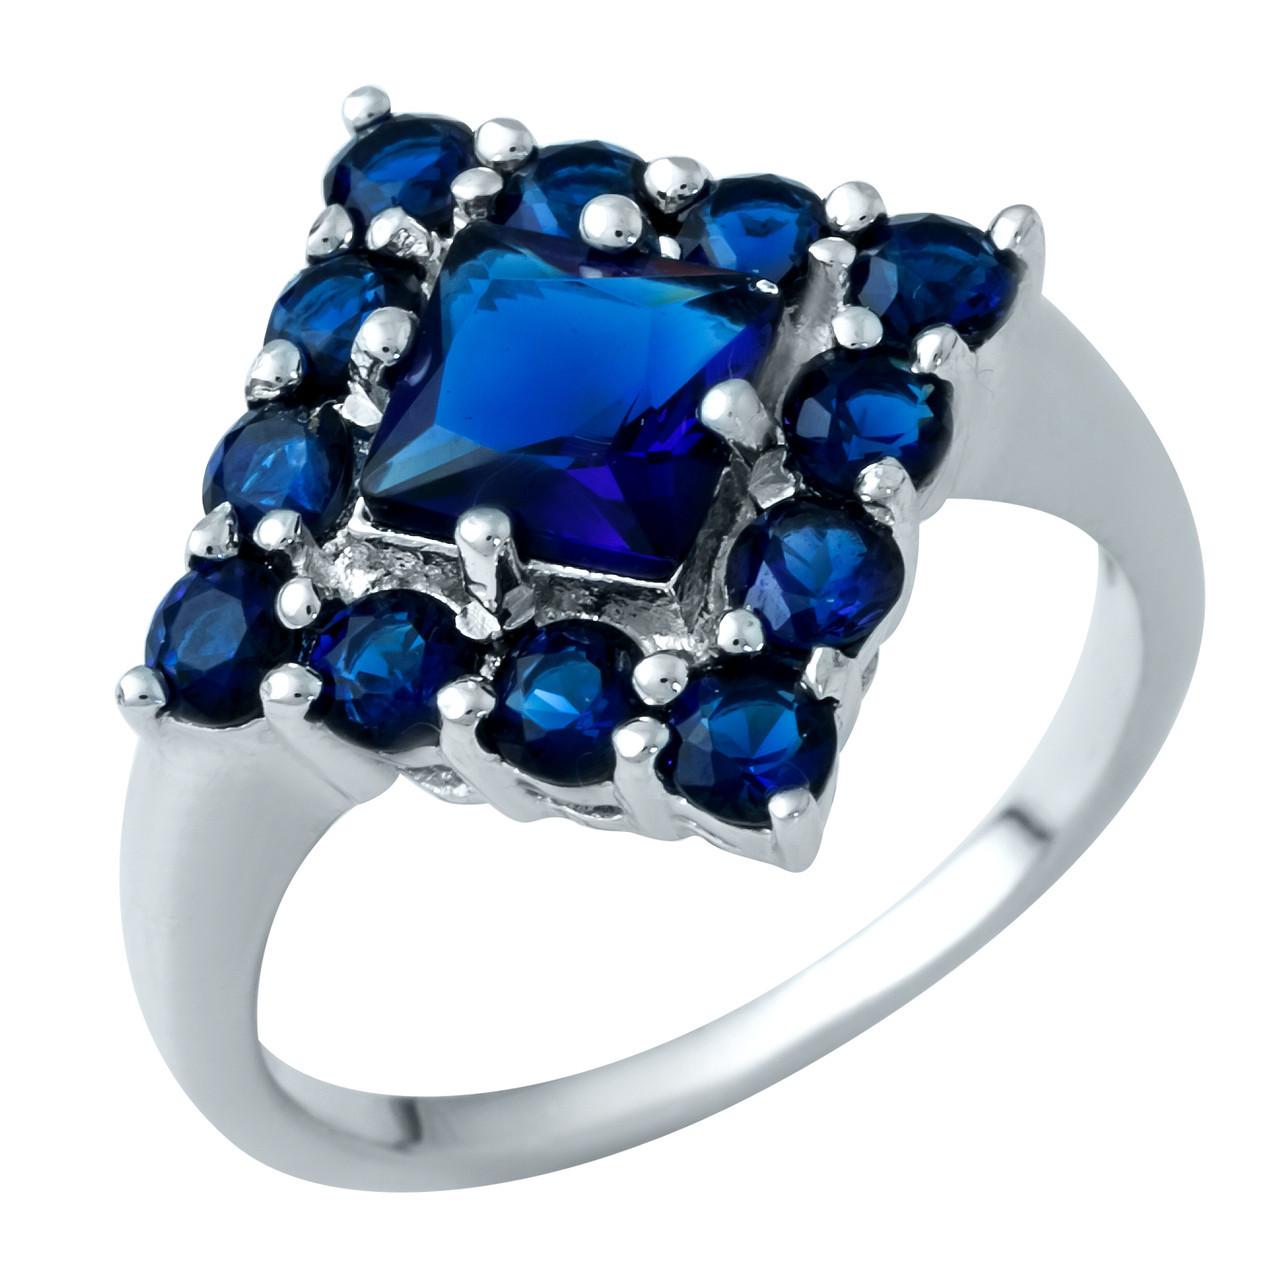 Родированное серебряное кольцо 925 пробы с сапфиром nano